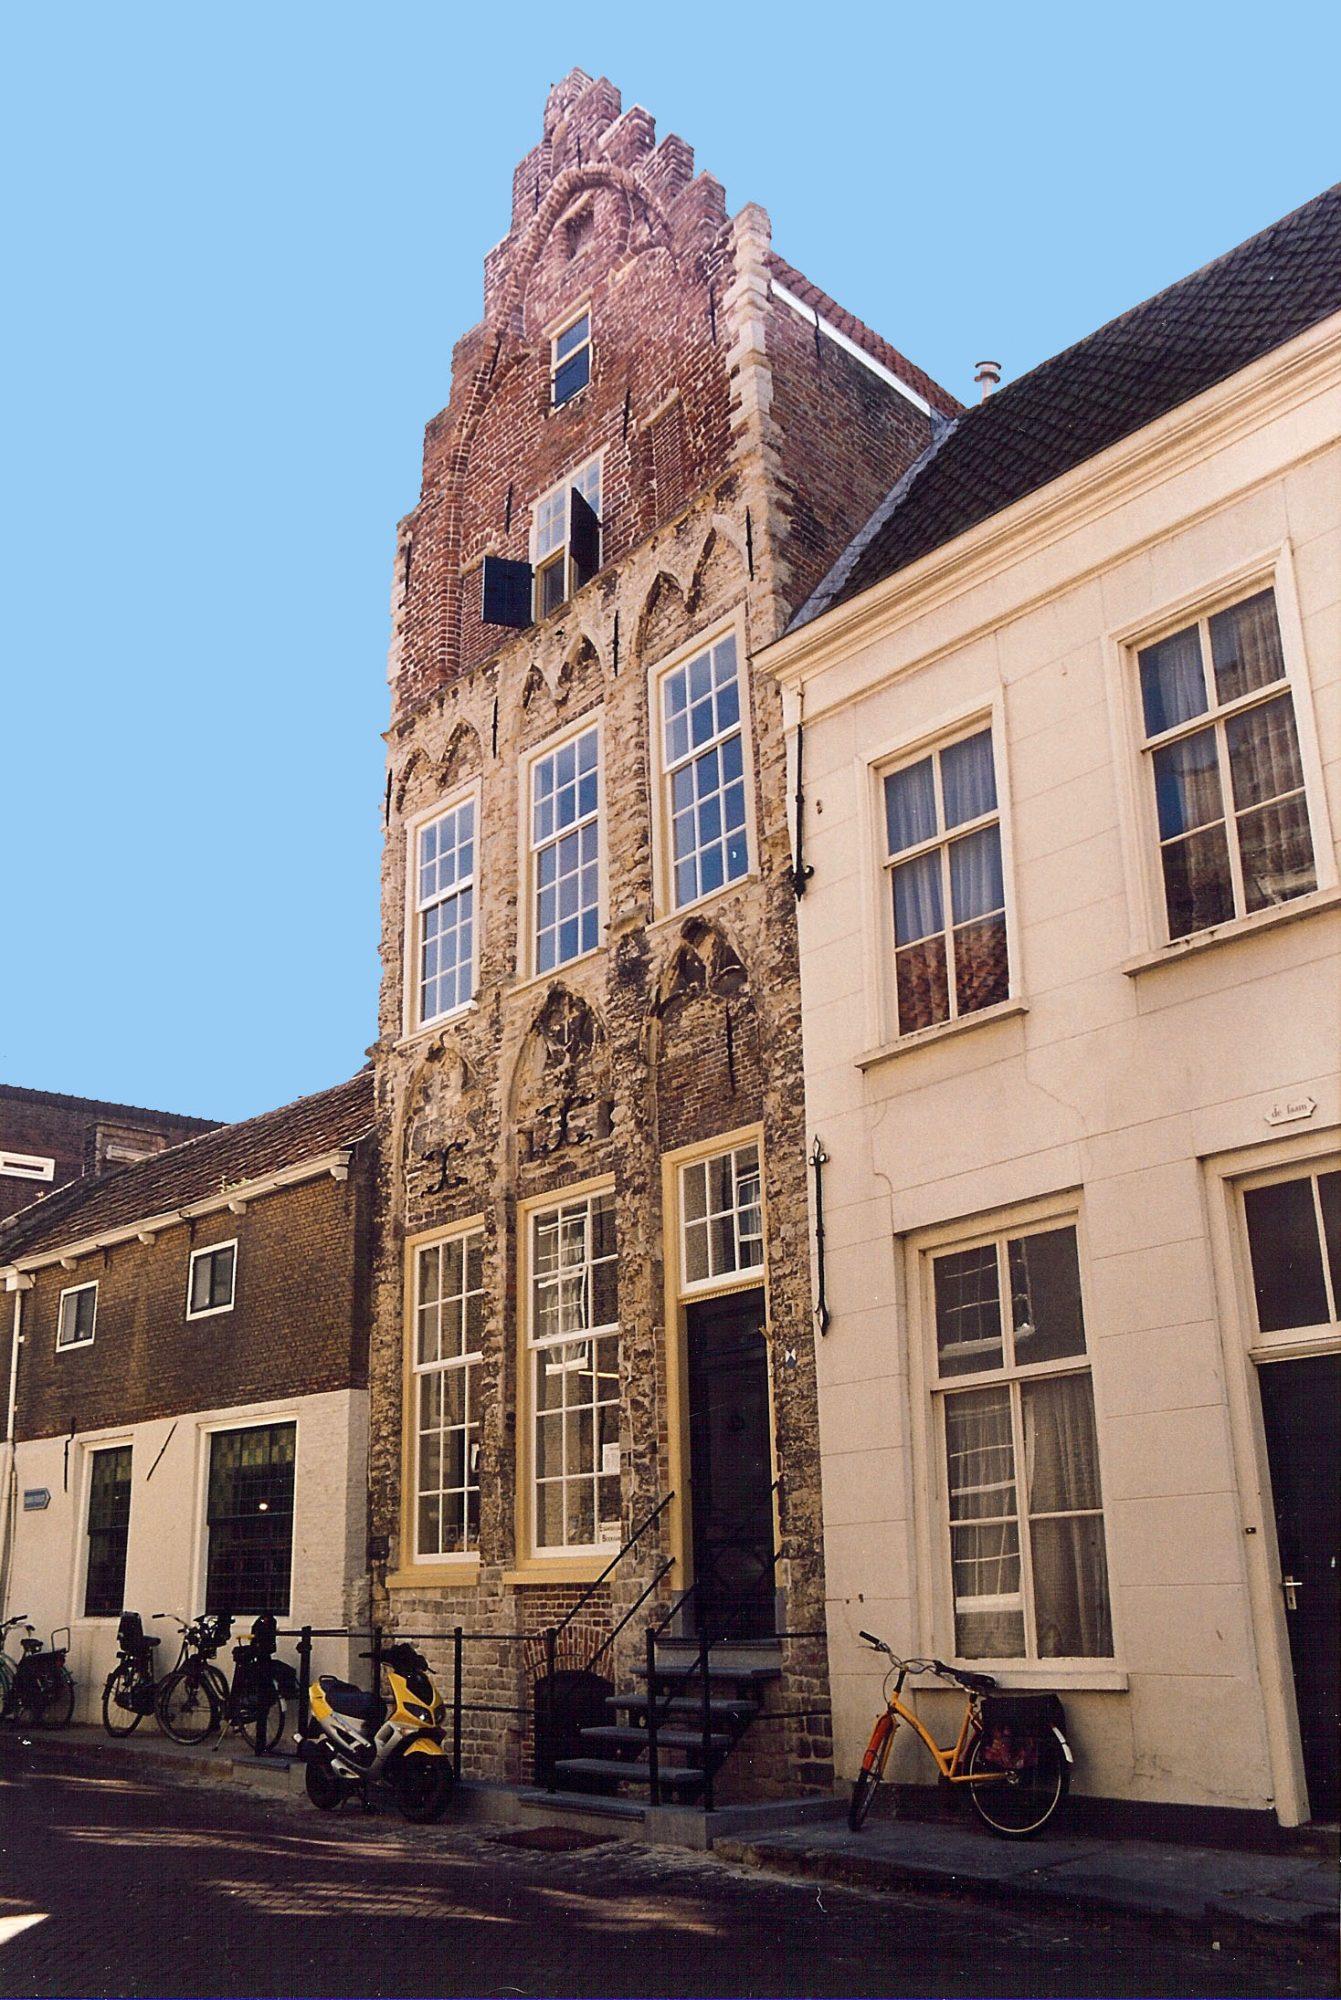 Verkoop huis de haene pvda schouwen duiveland - Huis verkoop ...